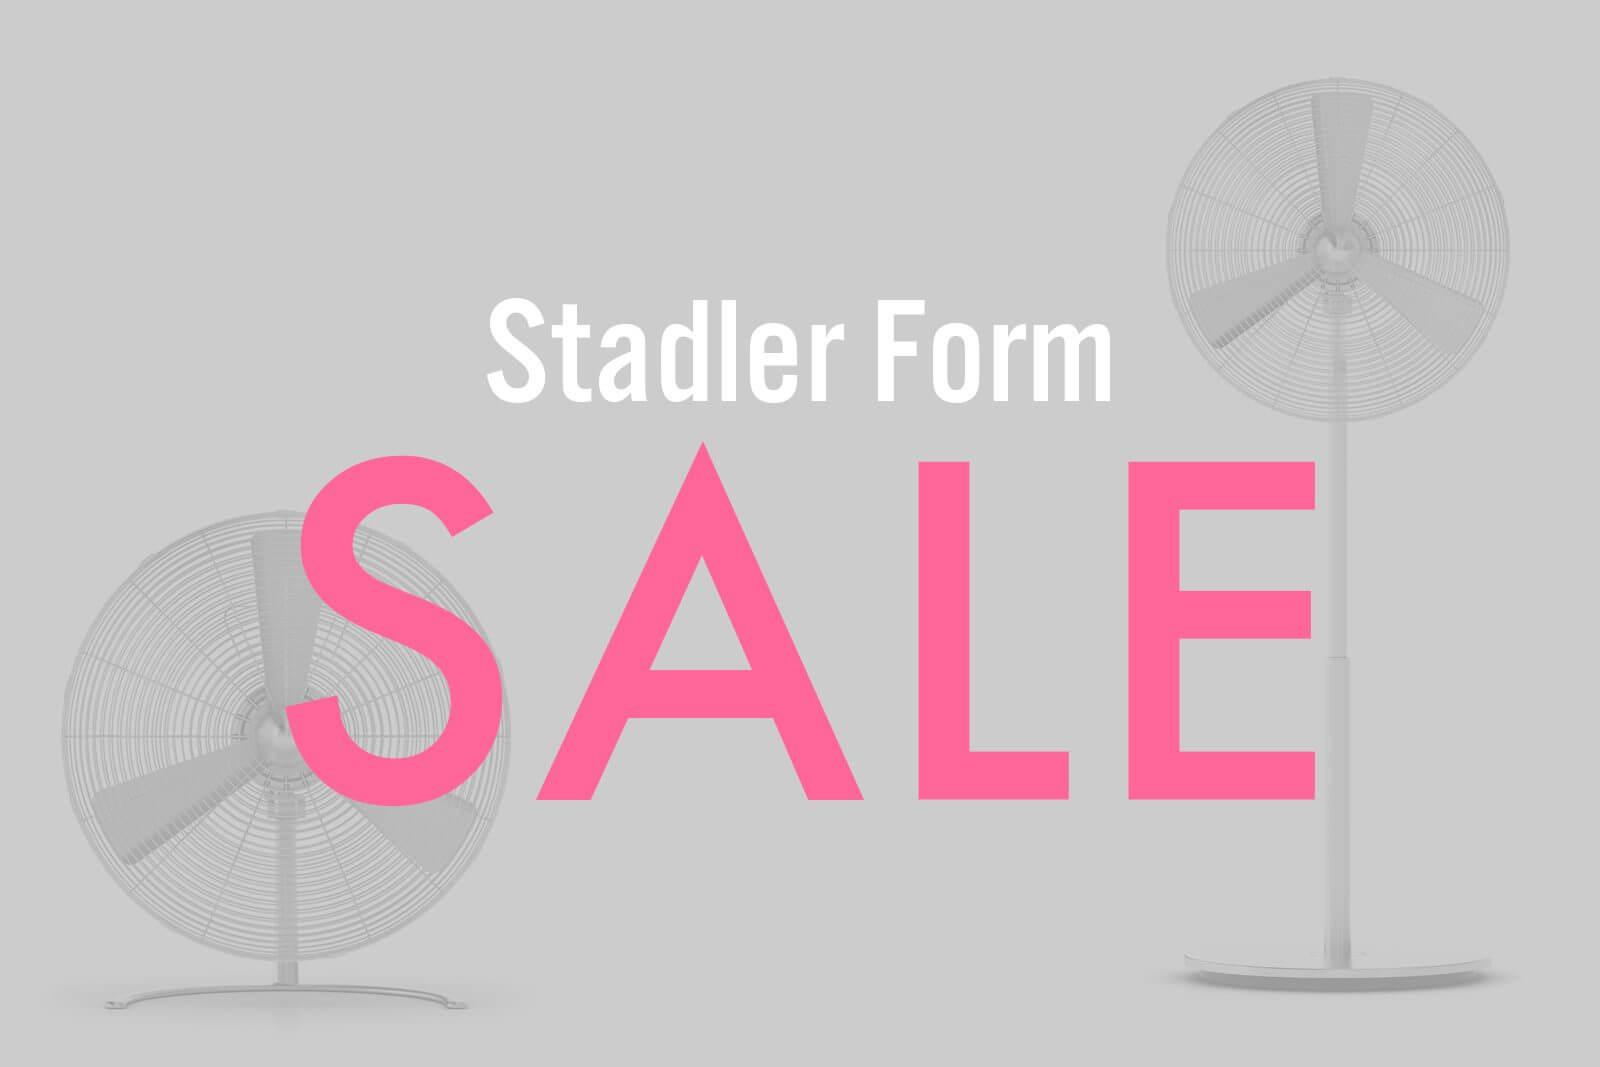 Stadler Form(スタドラーフォーム)の扇風機やサーキュレーターがセール中です!